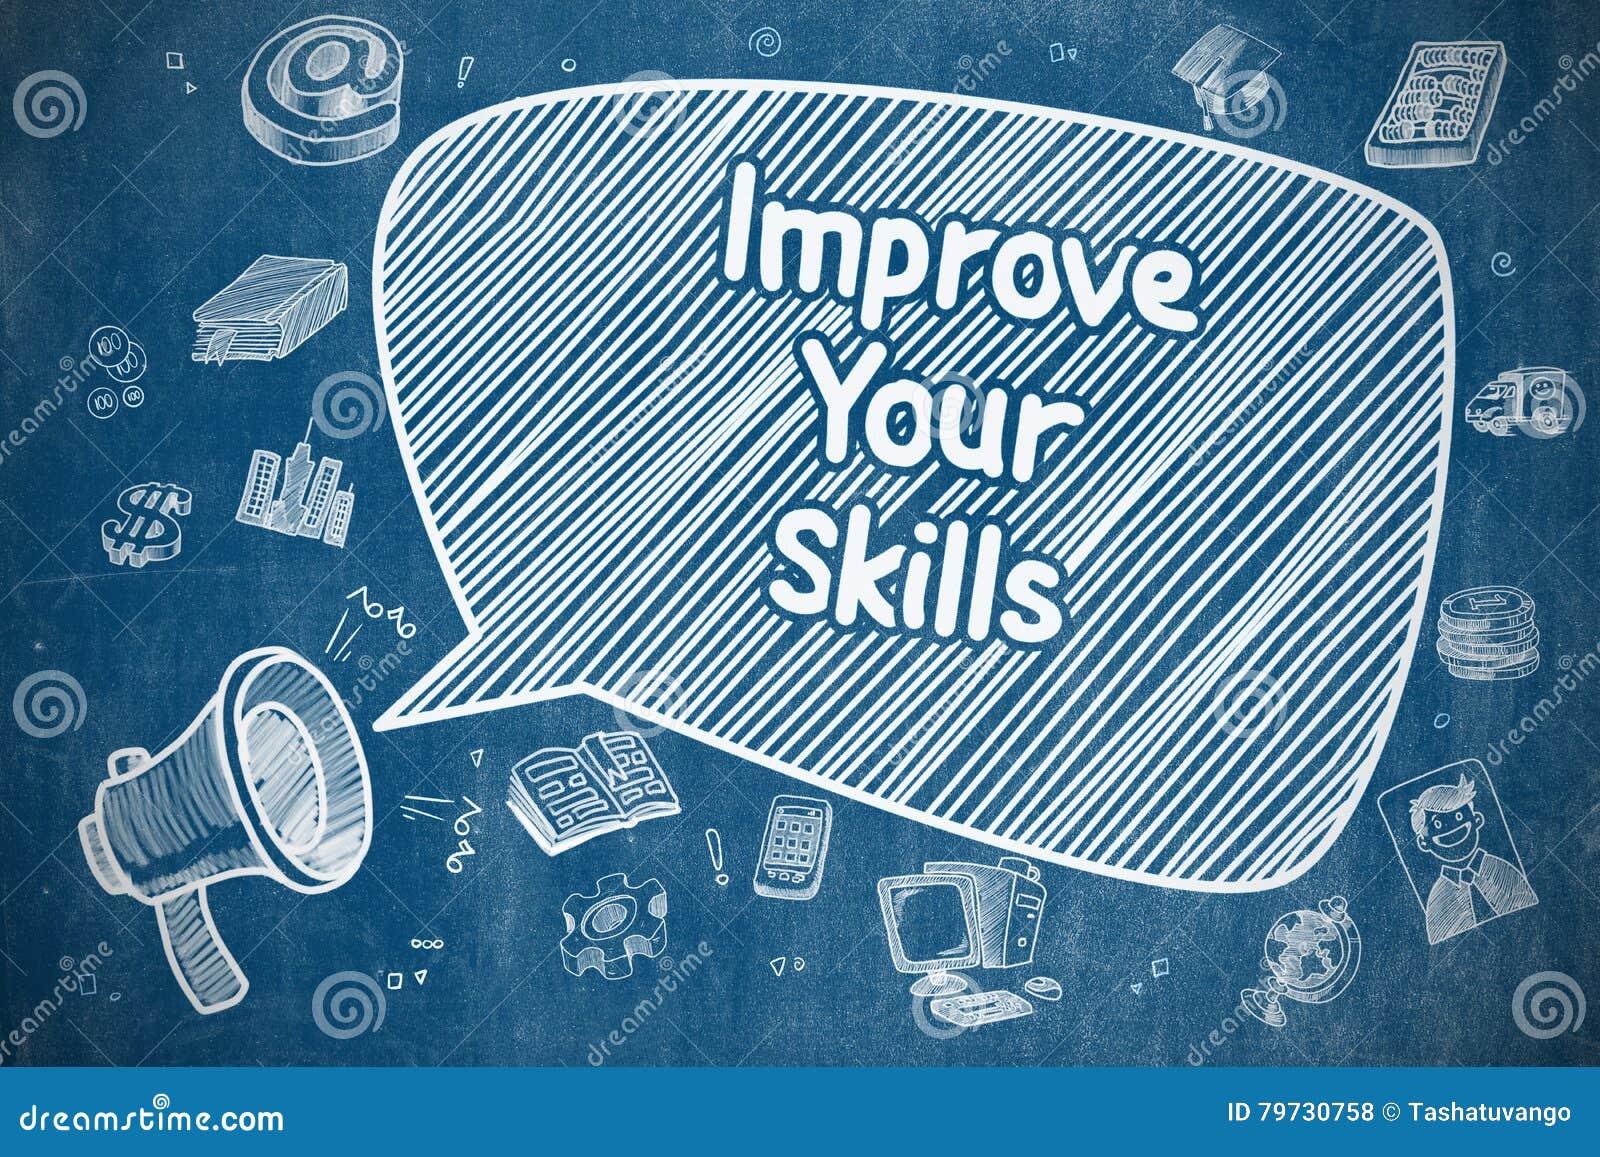 Mejore sus habilidades - concepto del negocio